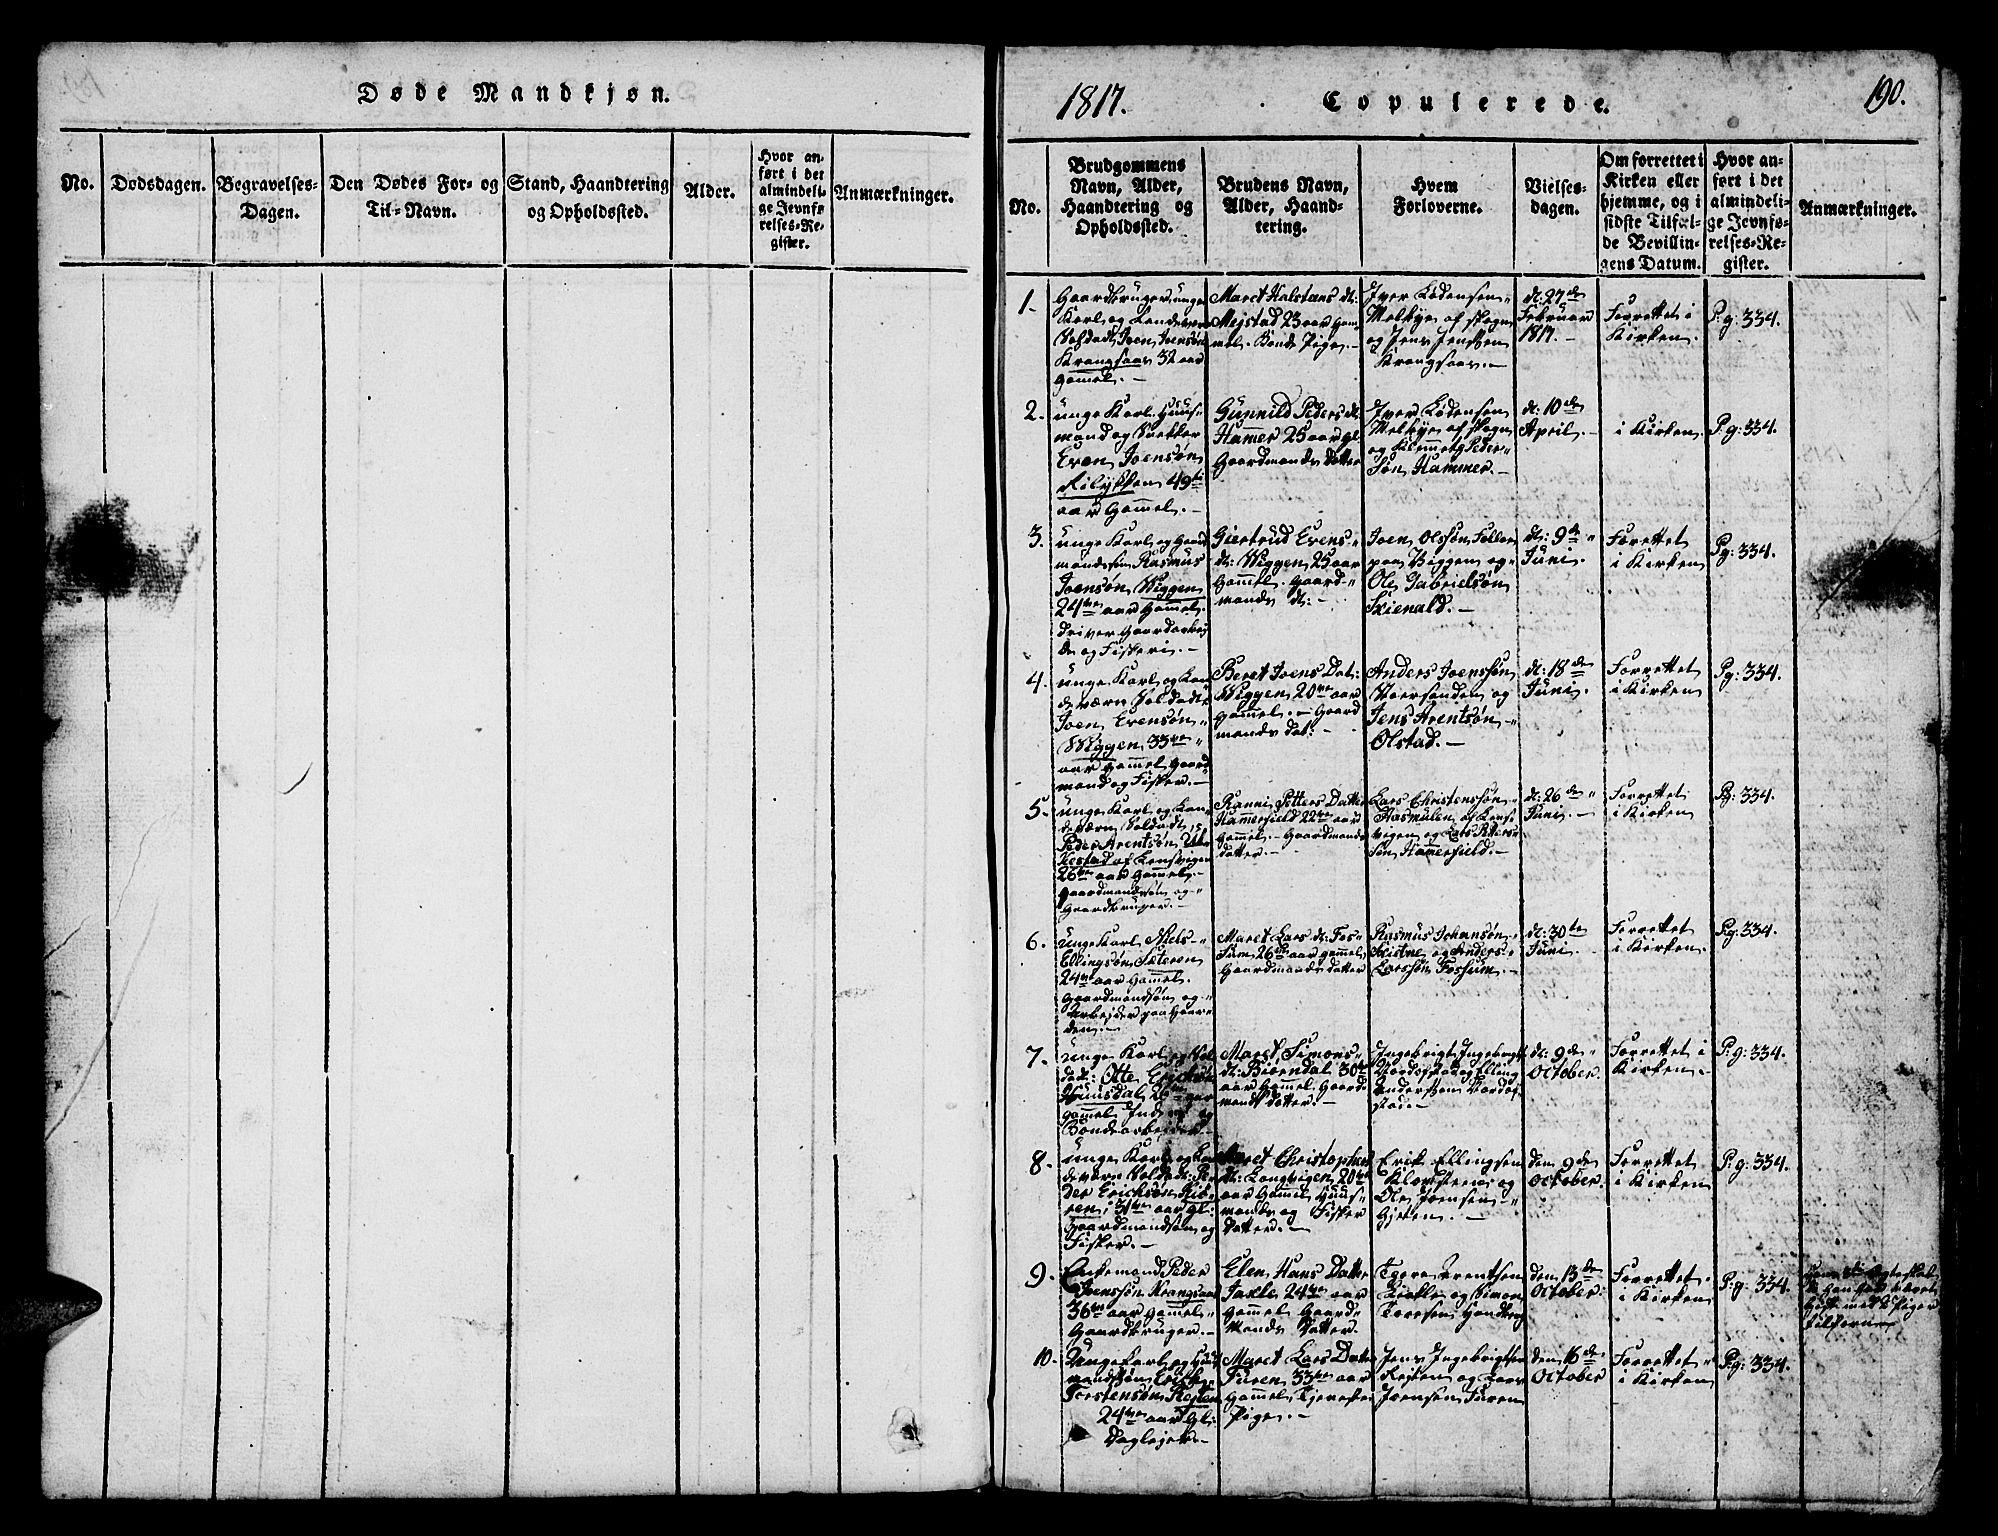 SAT, Ministerialprotokoller, klokkerbøker og fødselsregistre - Sør-Trøndelag, 665/L0776: Klokkerbok nr. 665C01, 1817-1837, s. 190